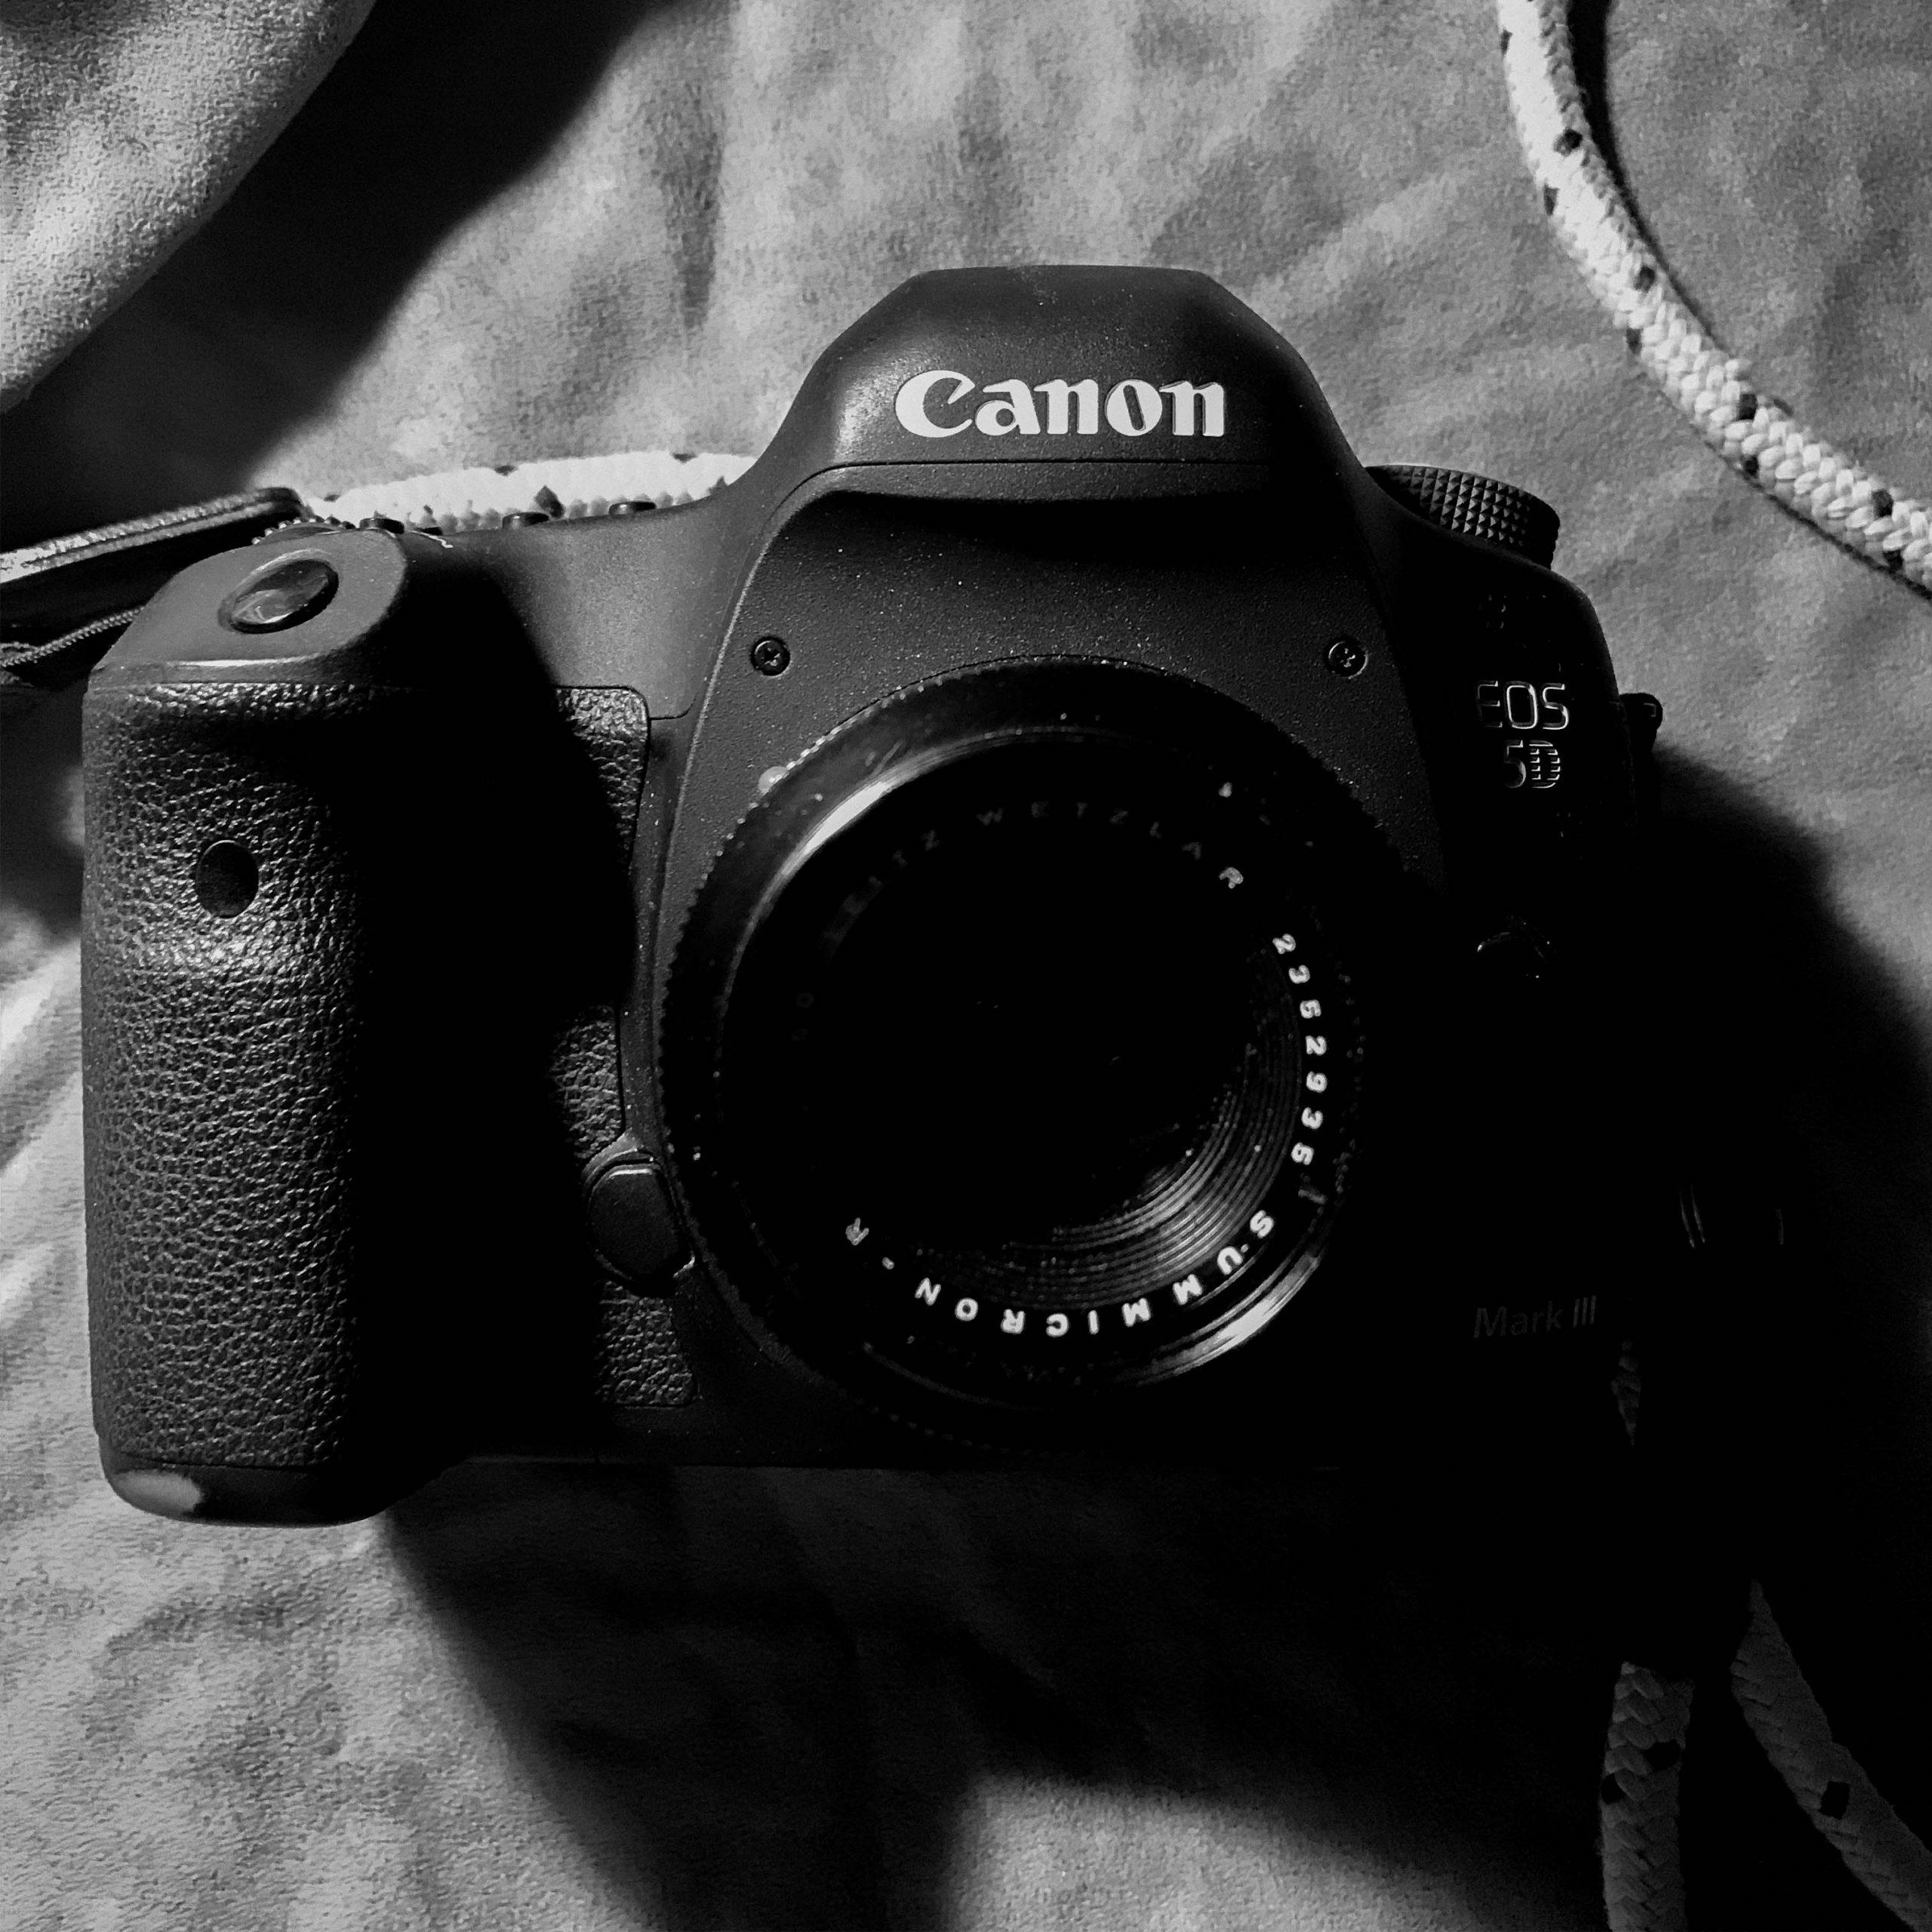 ライカRズミクロン50mmで、カメラも冬仕様に